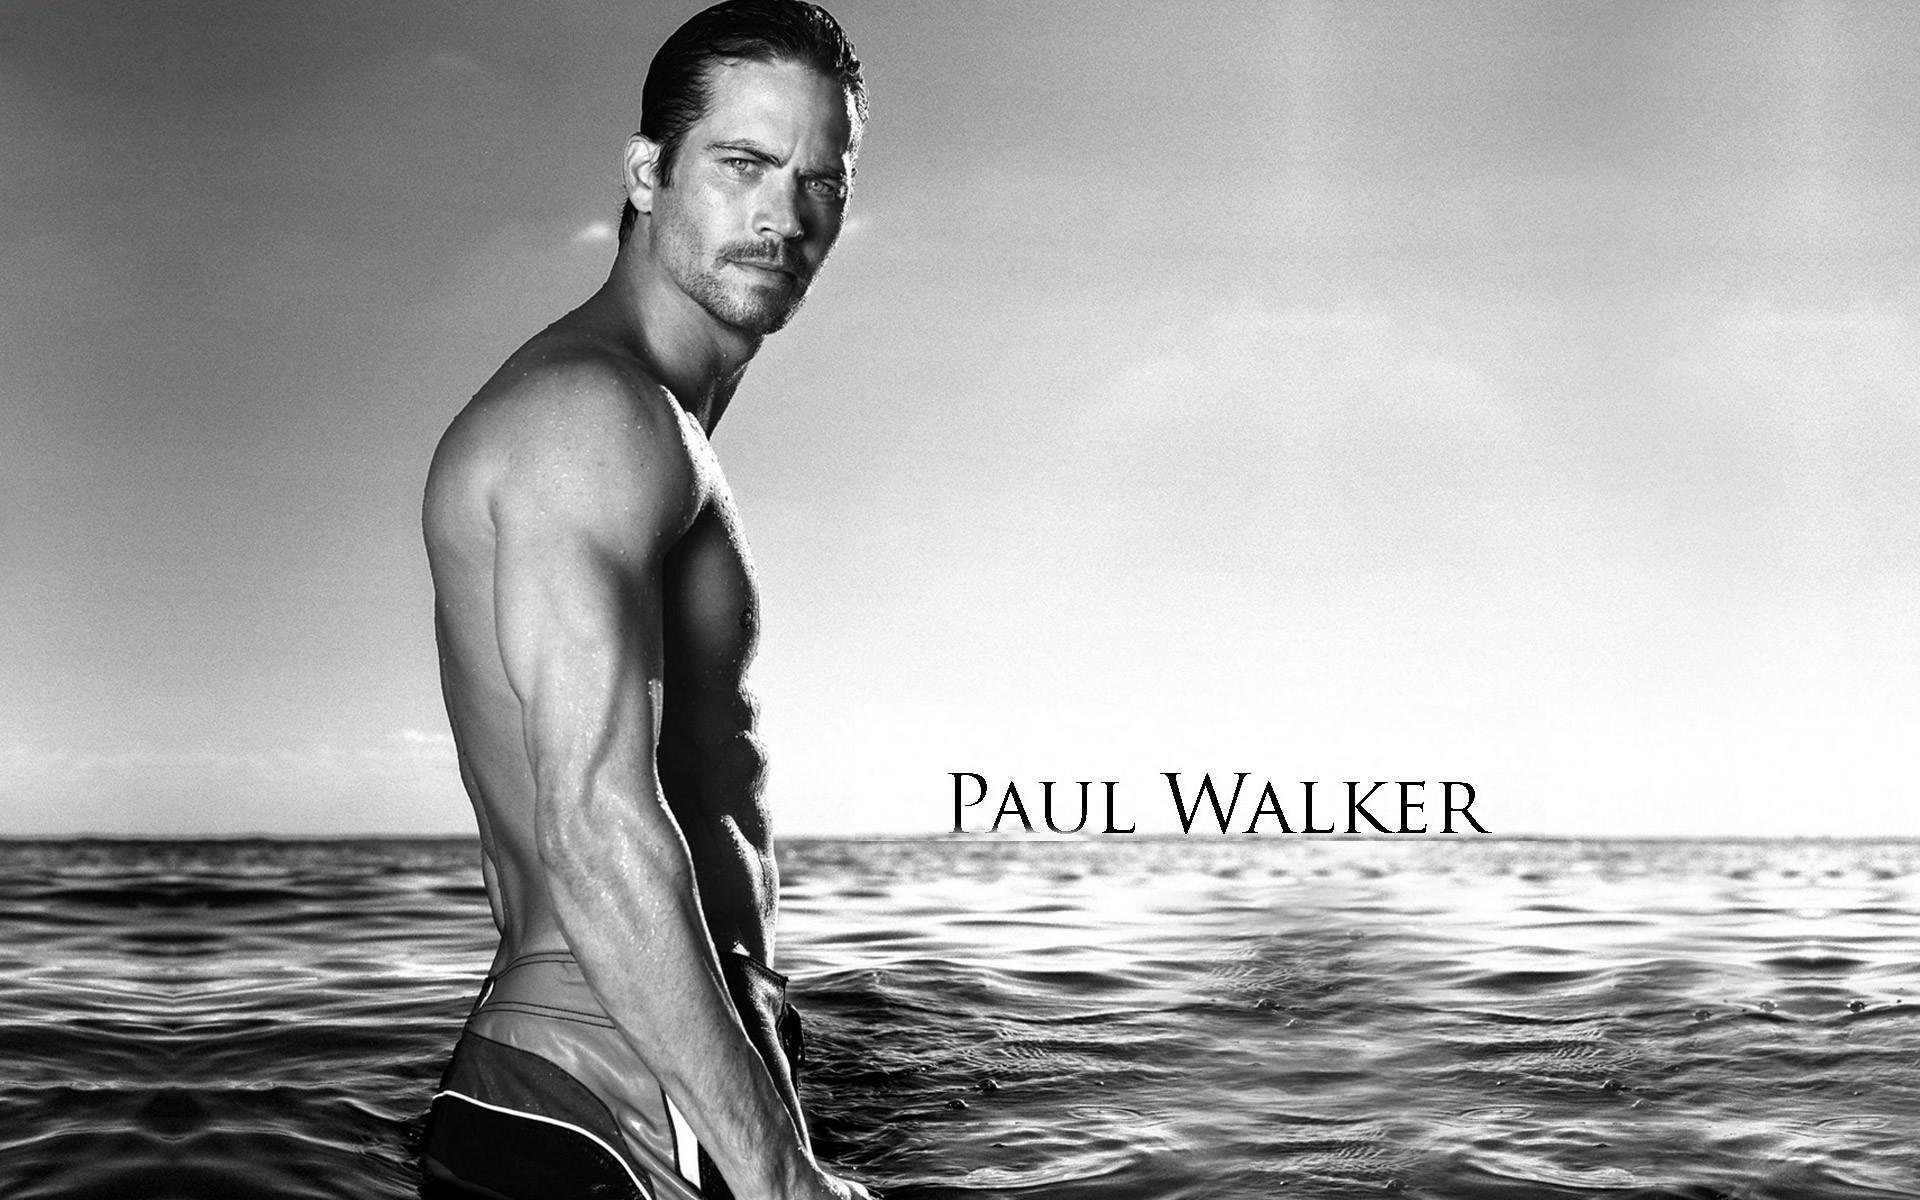 Paul Walker Hd Wallpaper   Full HD Wallpapers   Pinterest   Paul walker  pictures, Paul walker and Hd wallpaper